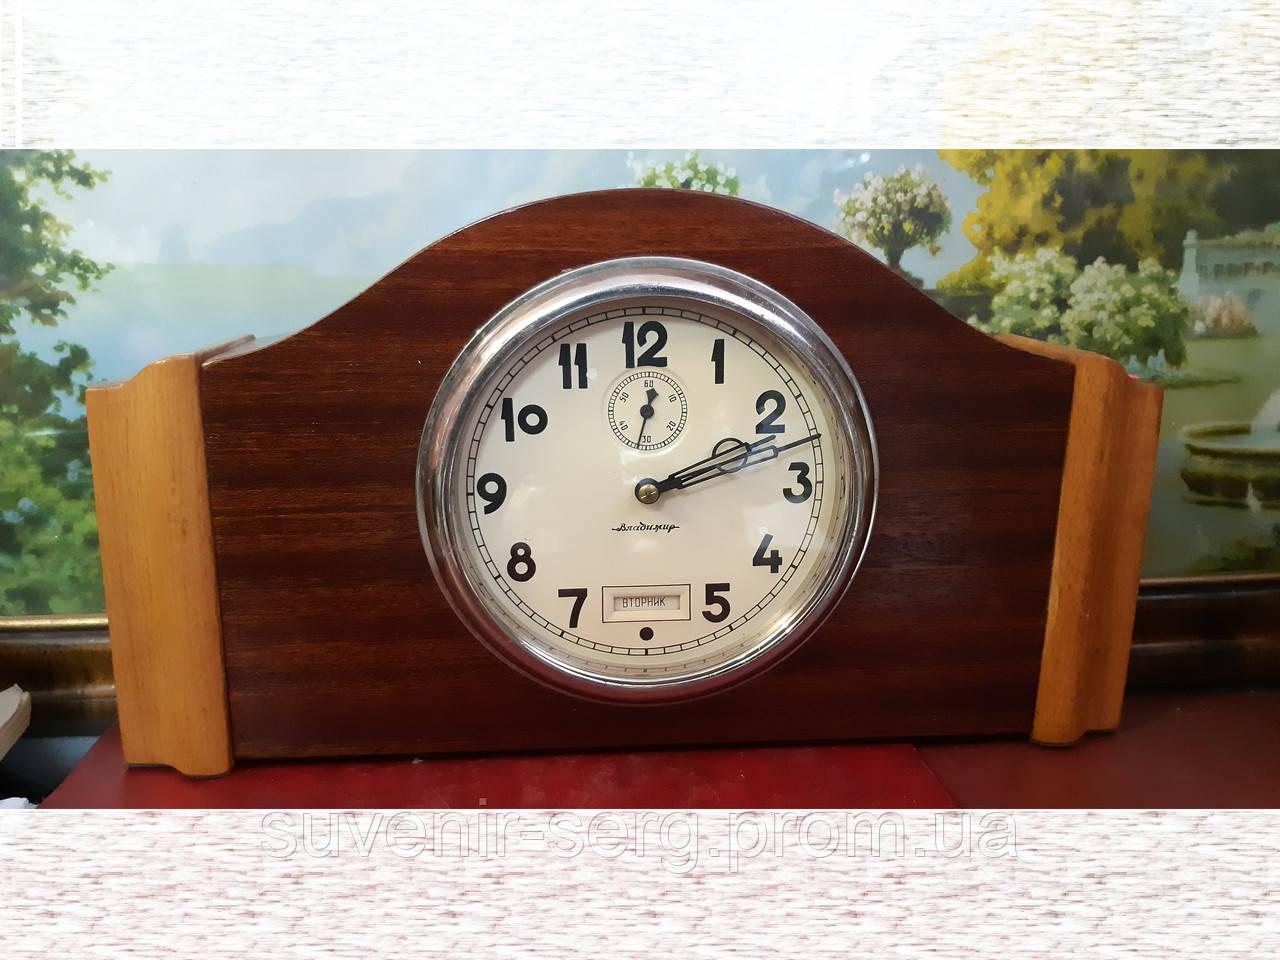 Владимире во где часы продать машино производственного стоимость оборудования часа